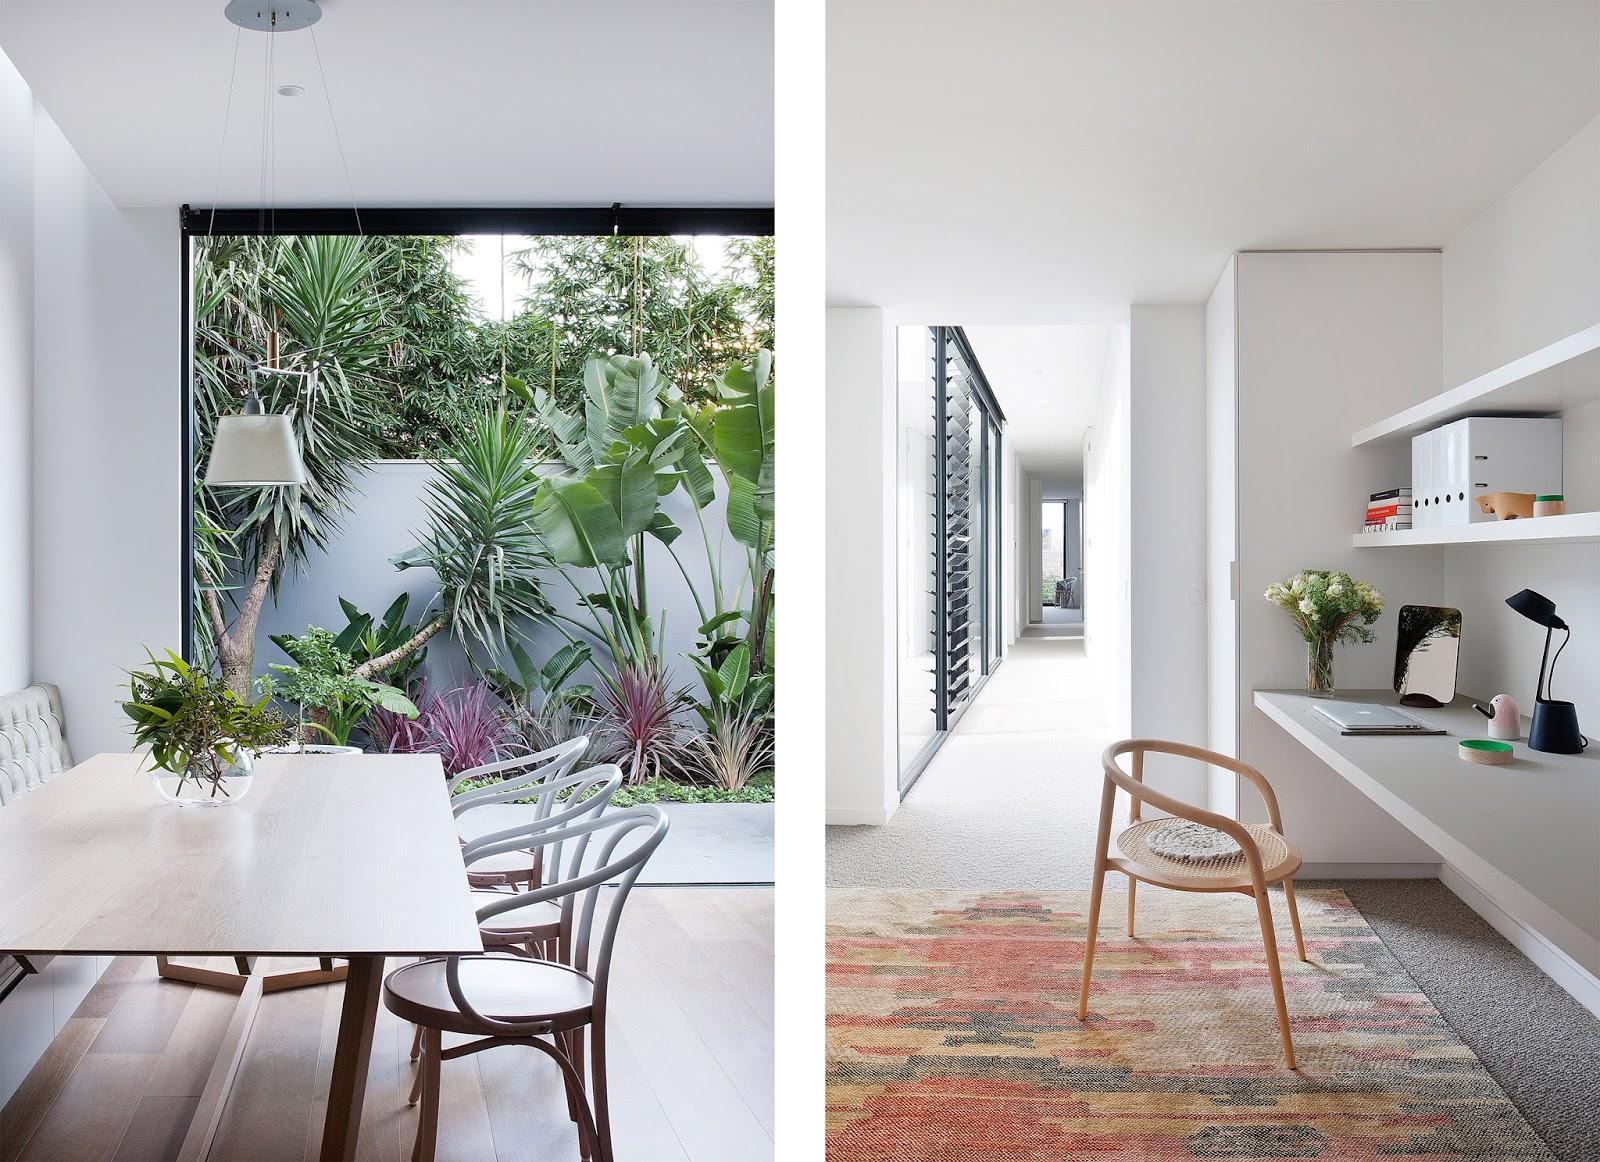 Casa con cortile giardino interno by robson rak architects for Casa con cortile centrale